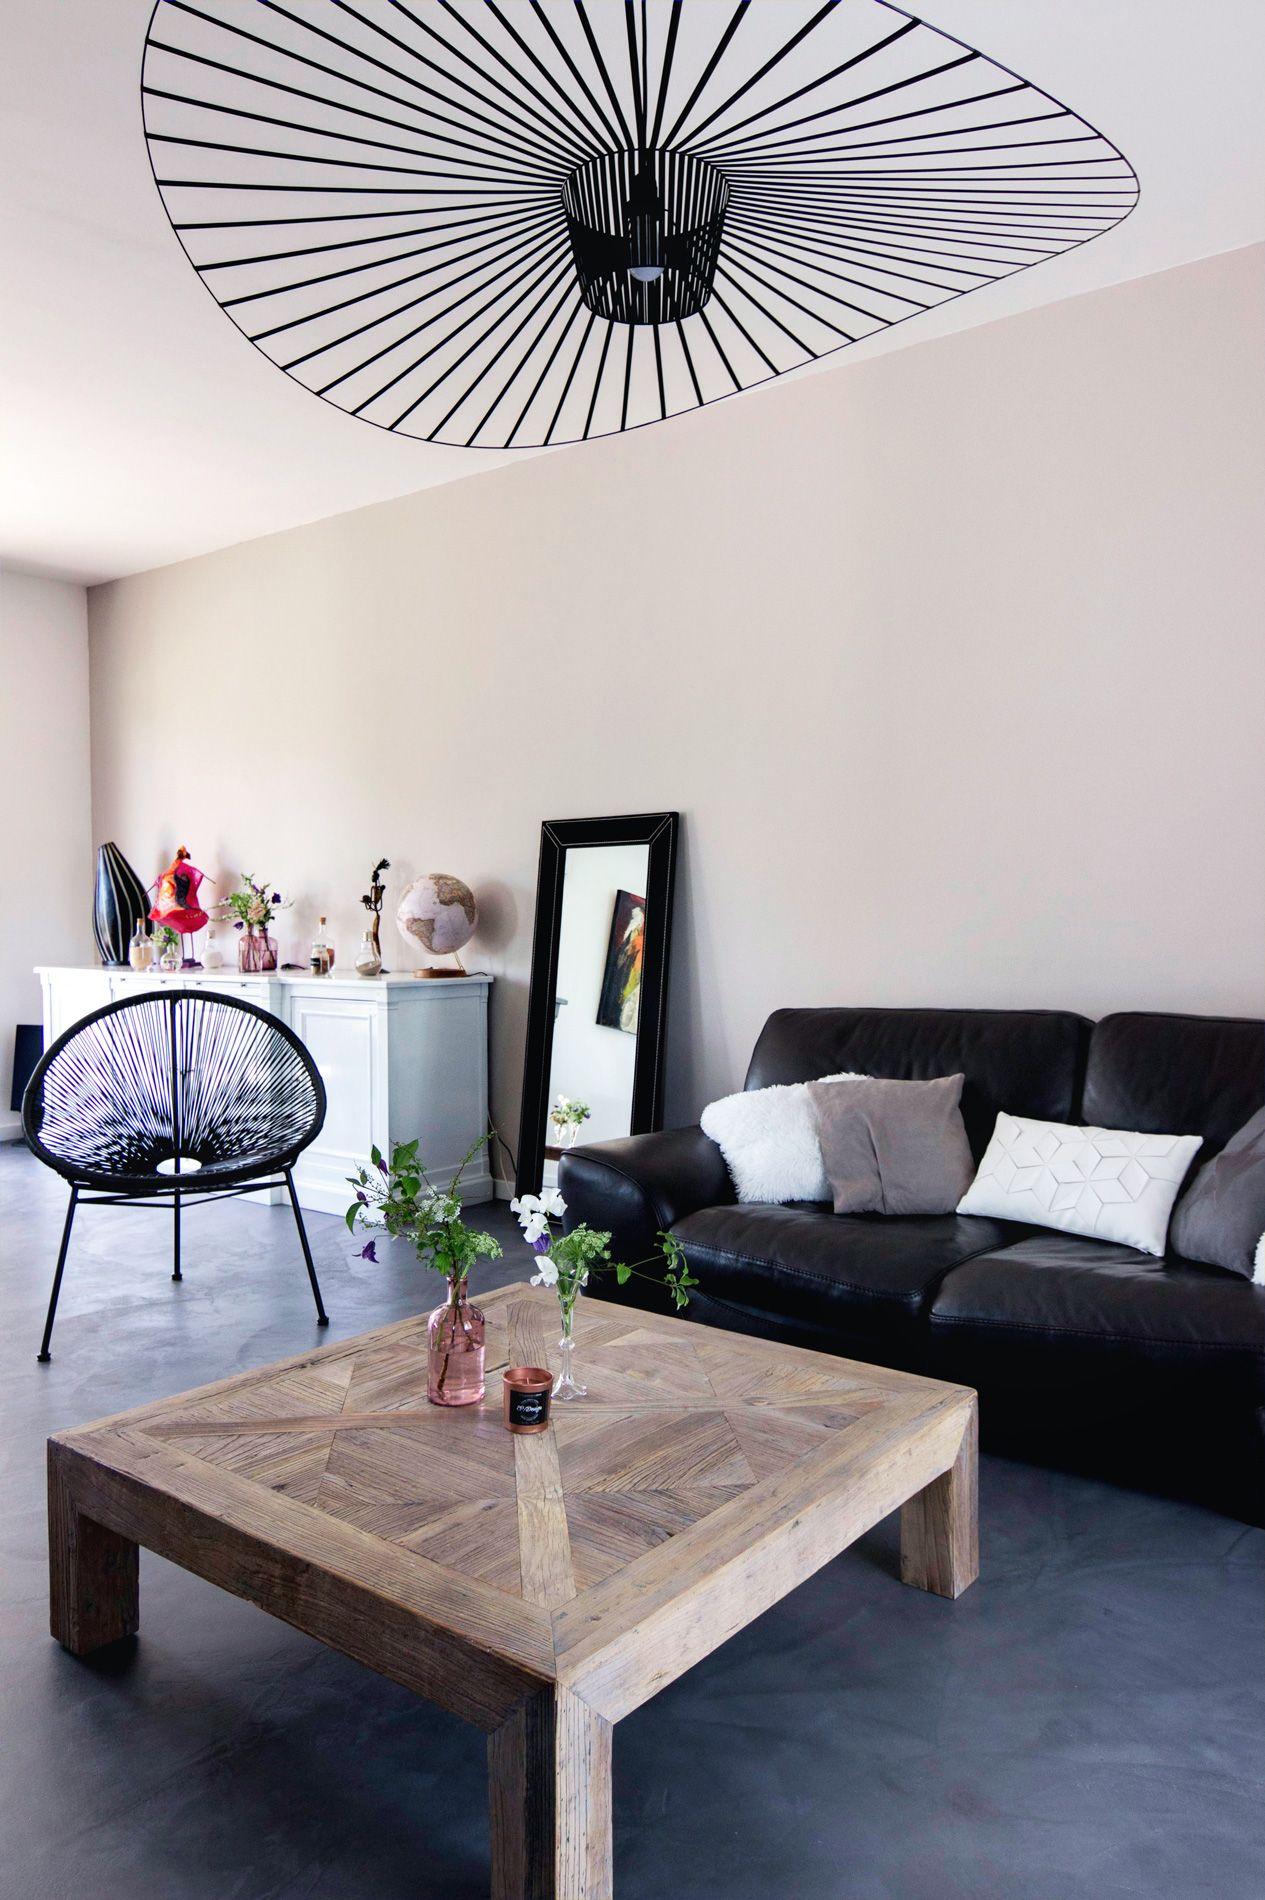 salon moderne gris et bois canap en cuir noir suspension vertigo fauteuil aca  Architecture